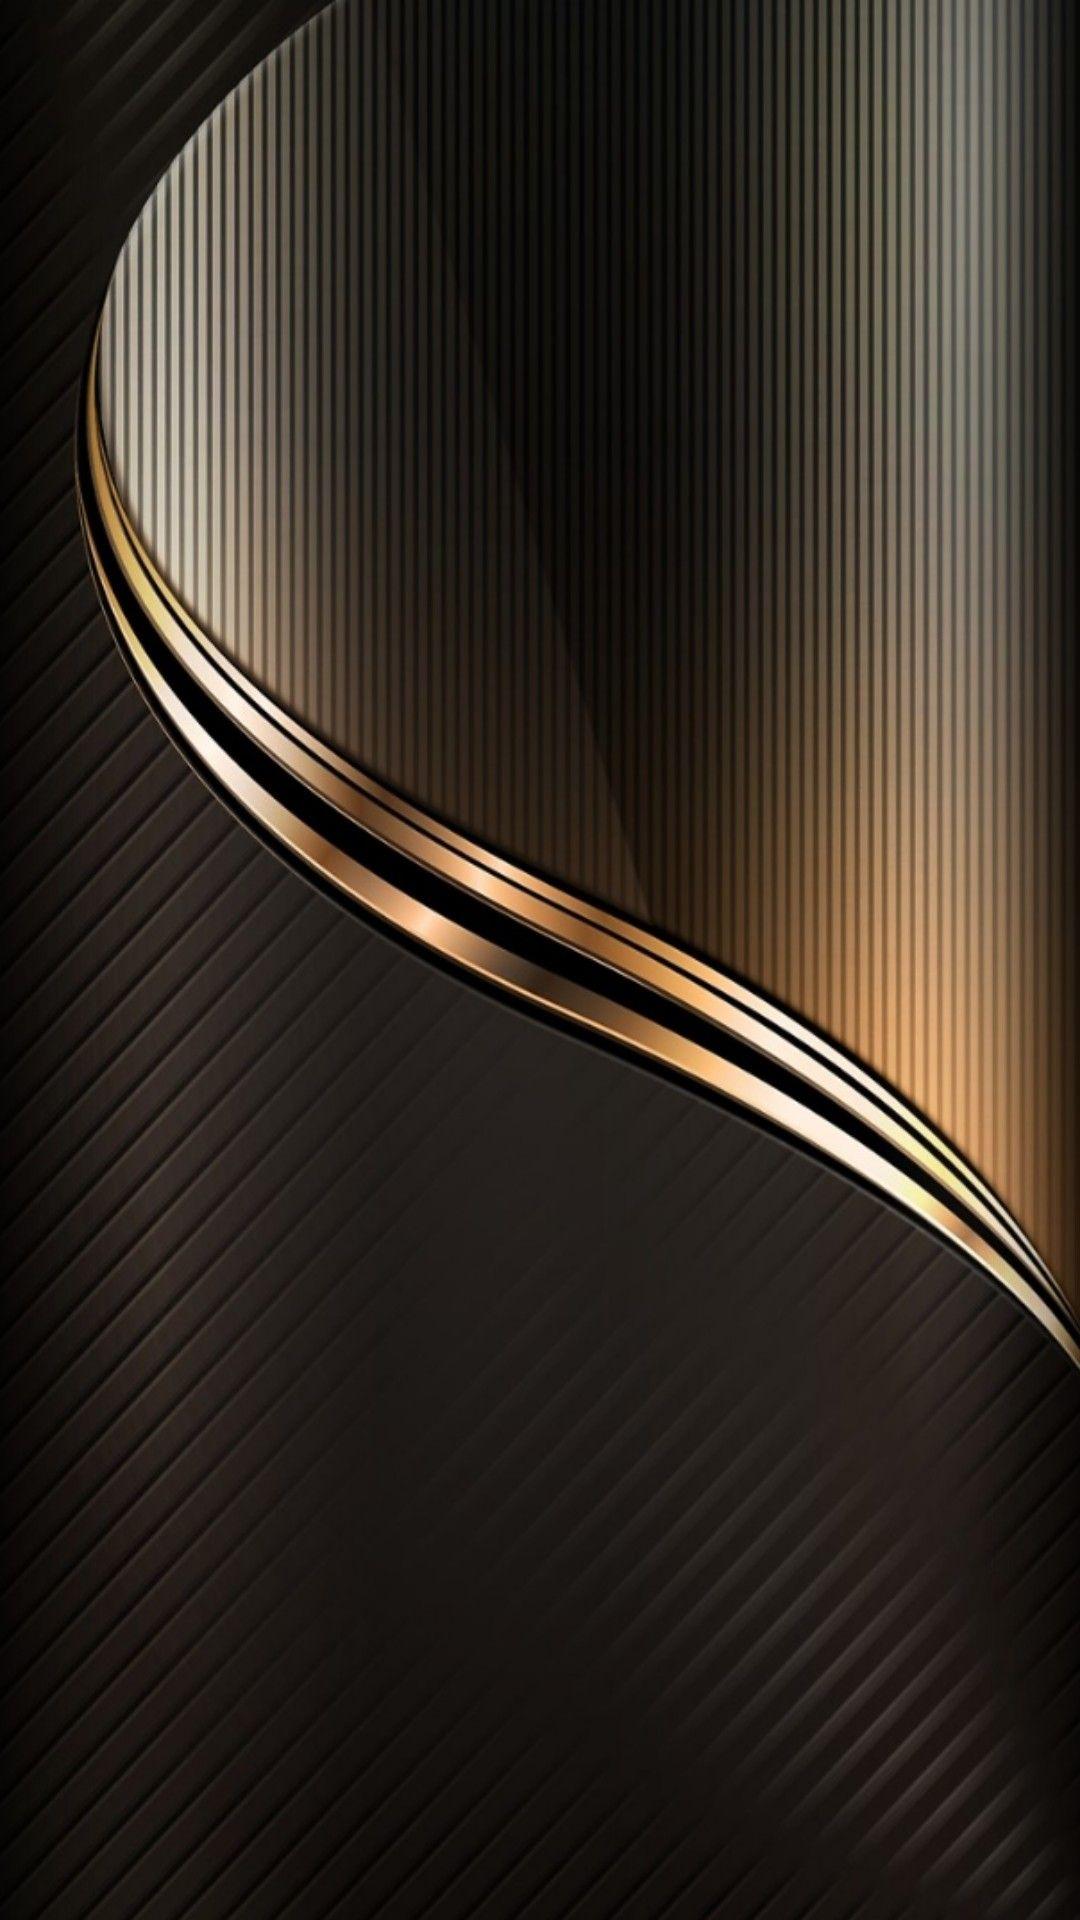 縦に入っているラインとゴールドからブラックへのグラデーションが